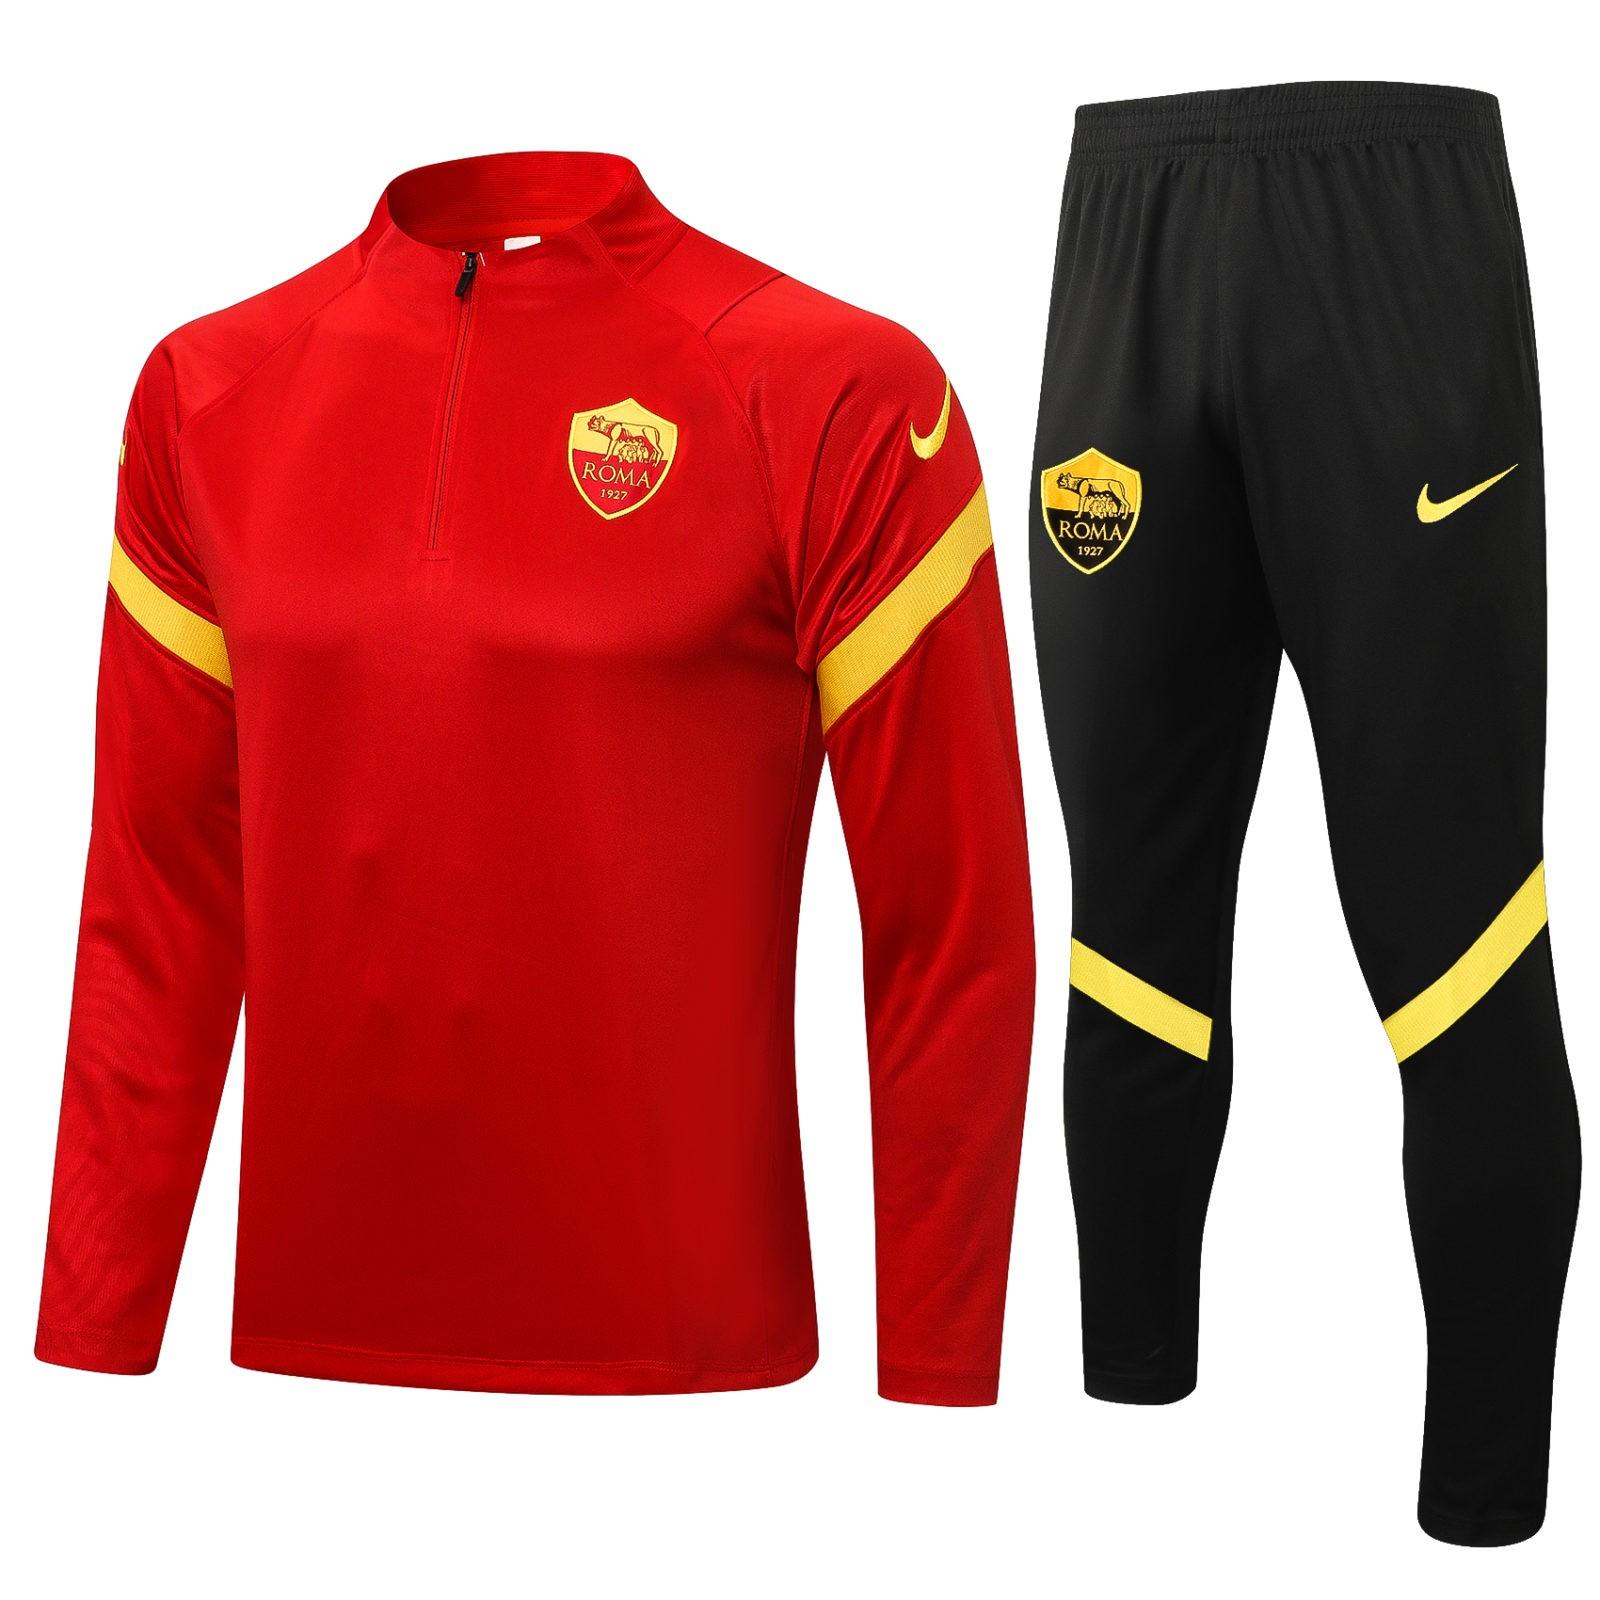 Спортивный костюм Ромы сезон 2021-2022 арт. 54001